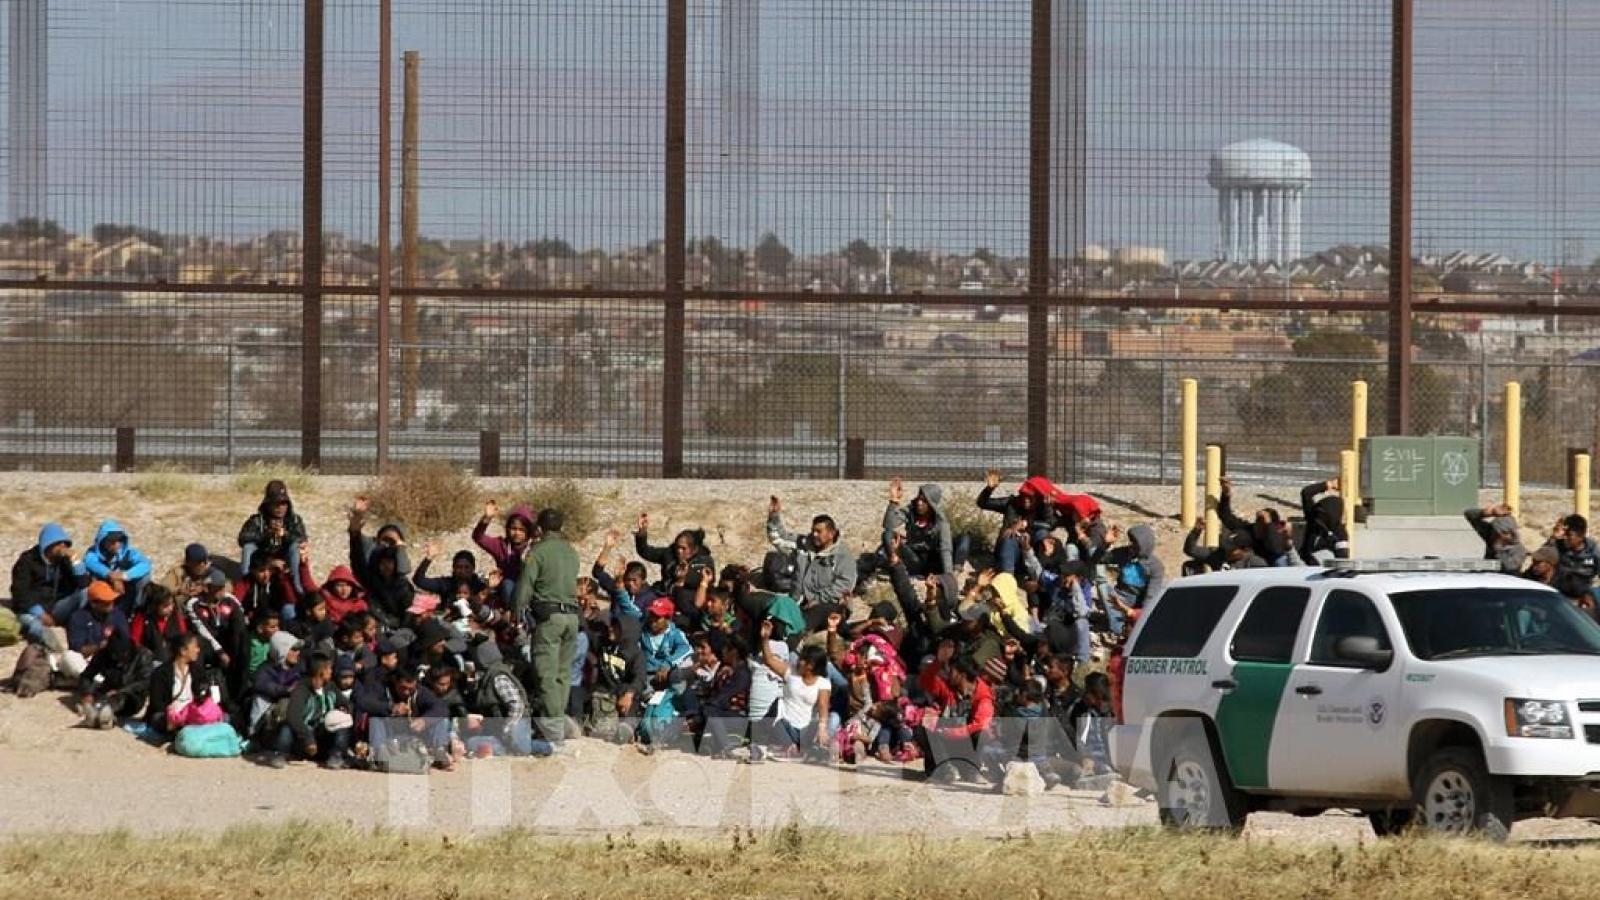 Chính phủ Mỹ nỗ lực đối phó với làn sóng người nhập cư ở biên giới phía Nam